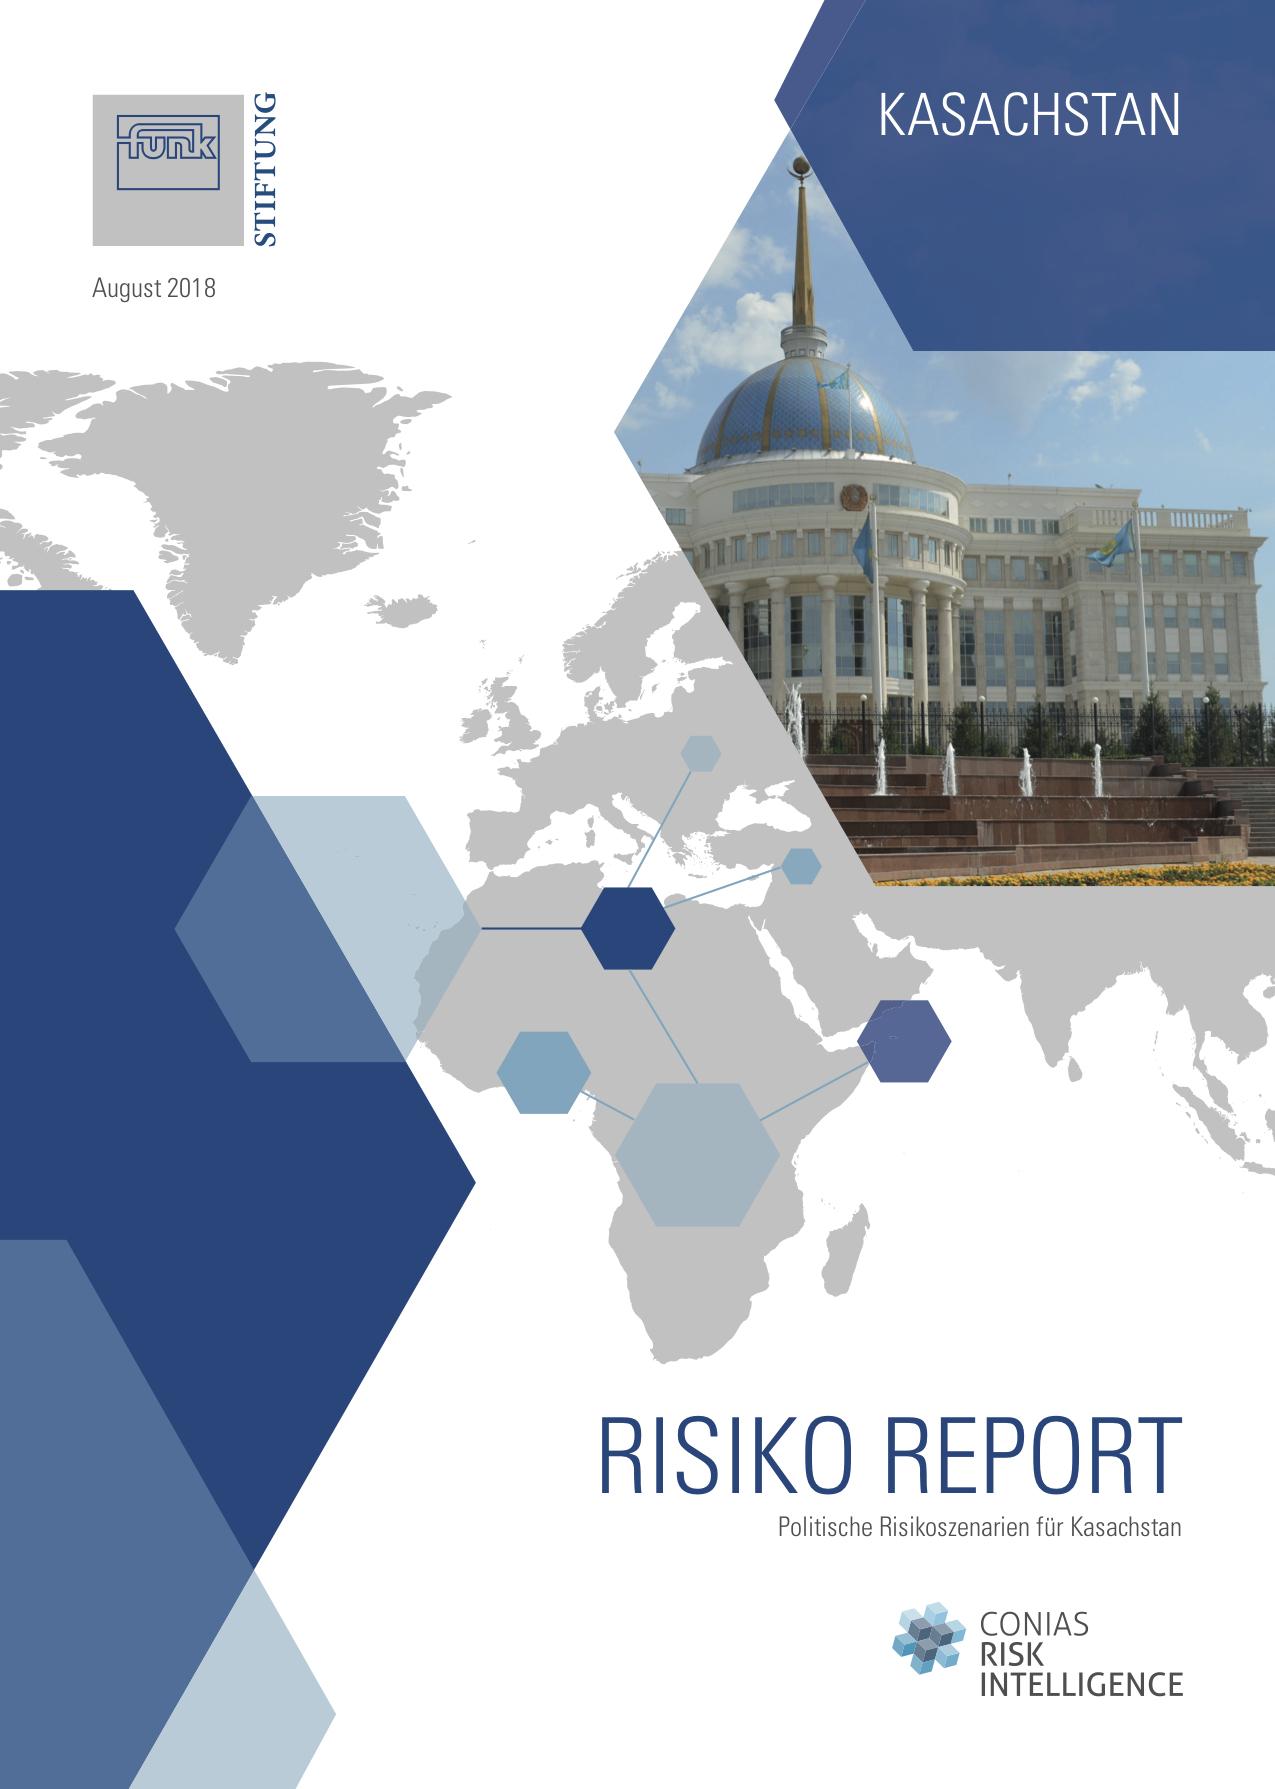 Risiko Report Kasachstan